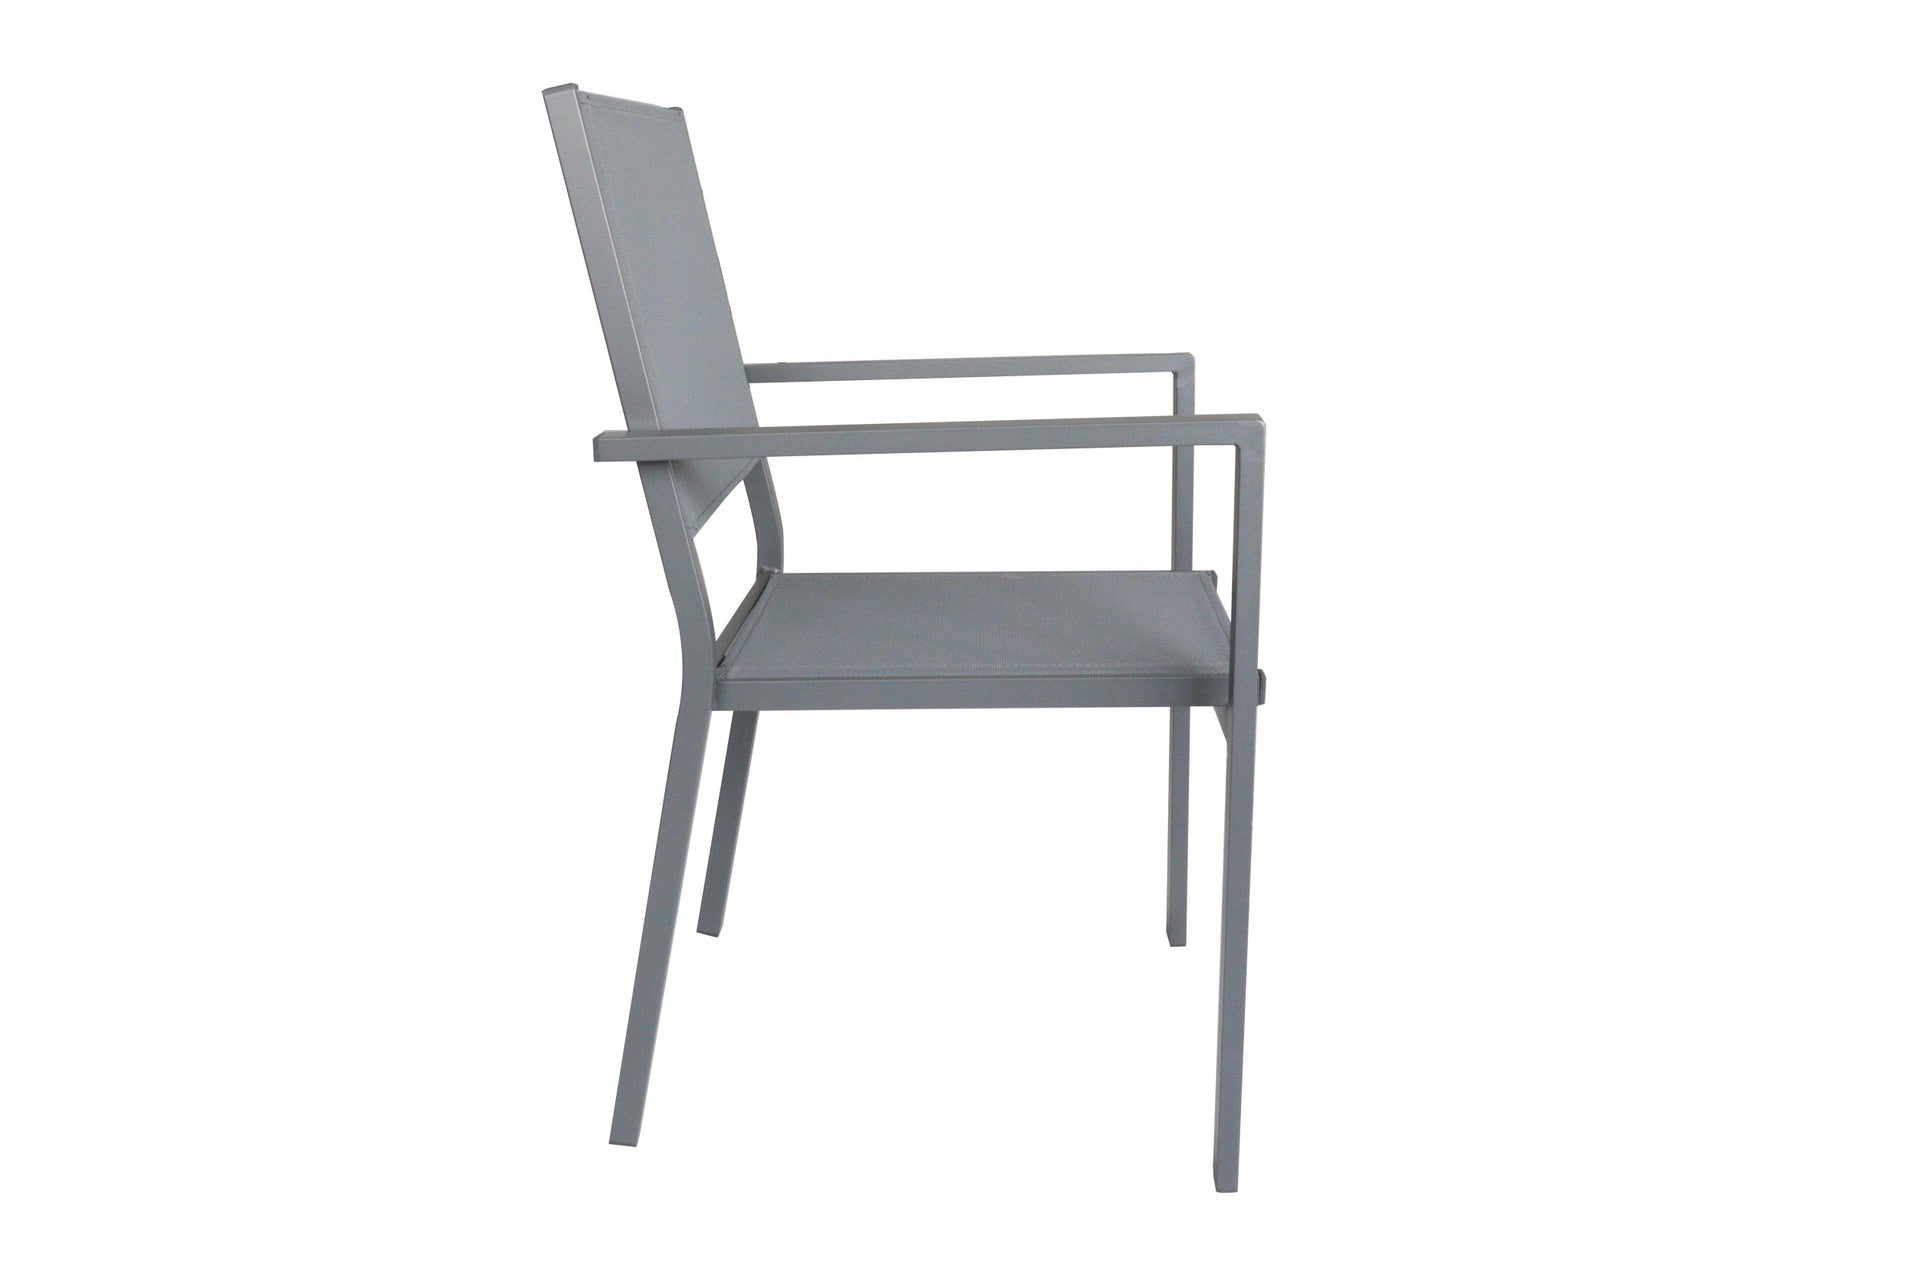 Sedia con braccioli senza cuscino in alluminio Lisbon colore grigio - 8